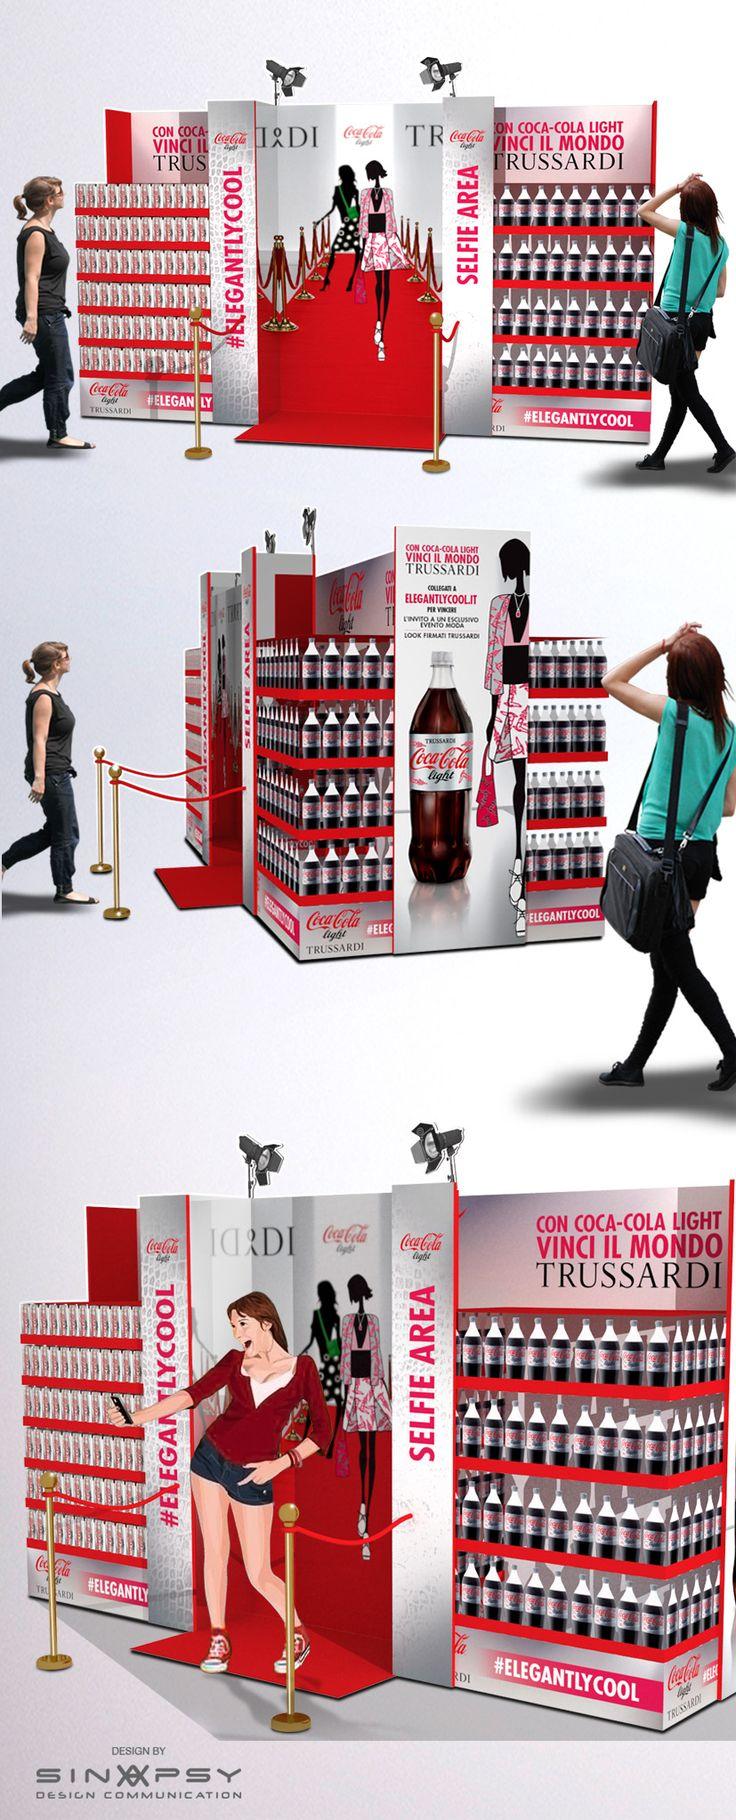 POS Coca-cola light - Trussardi